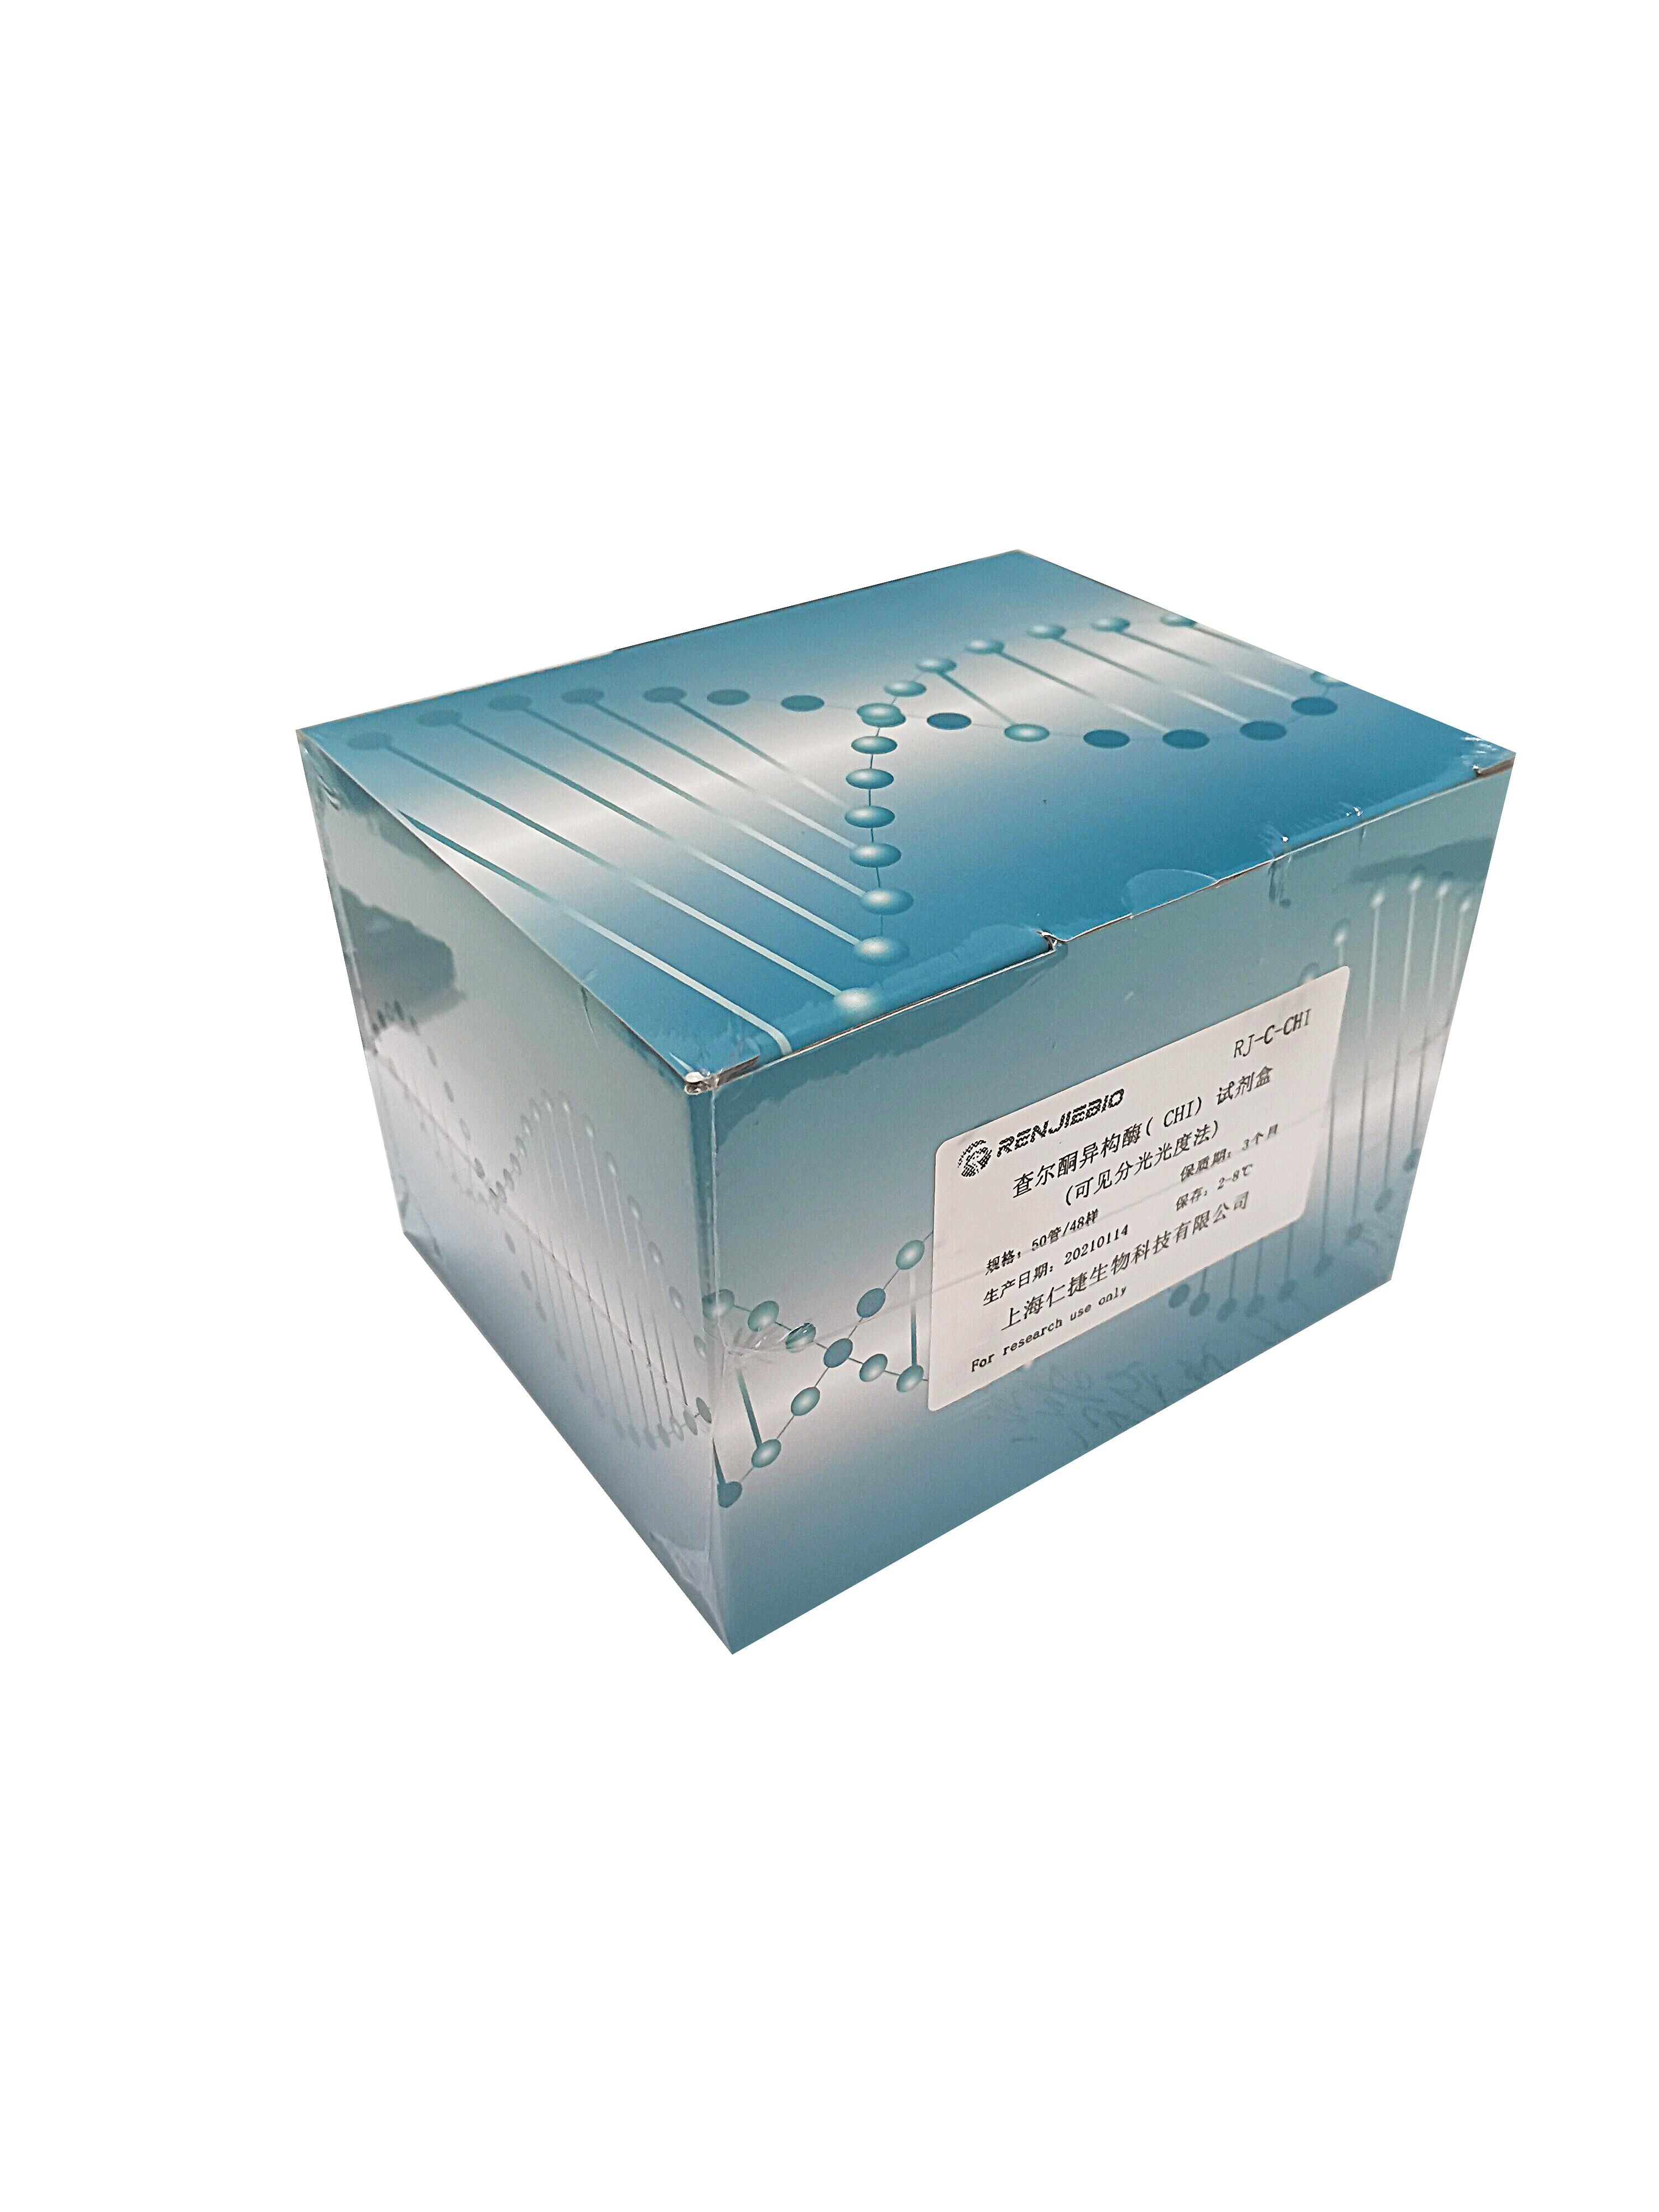 总糖含量测试盒-微量法